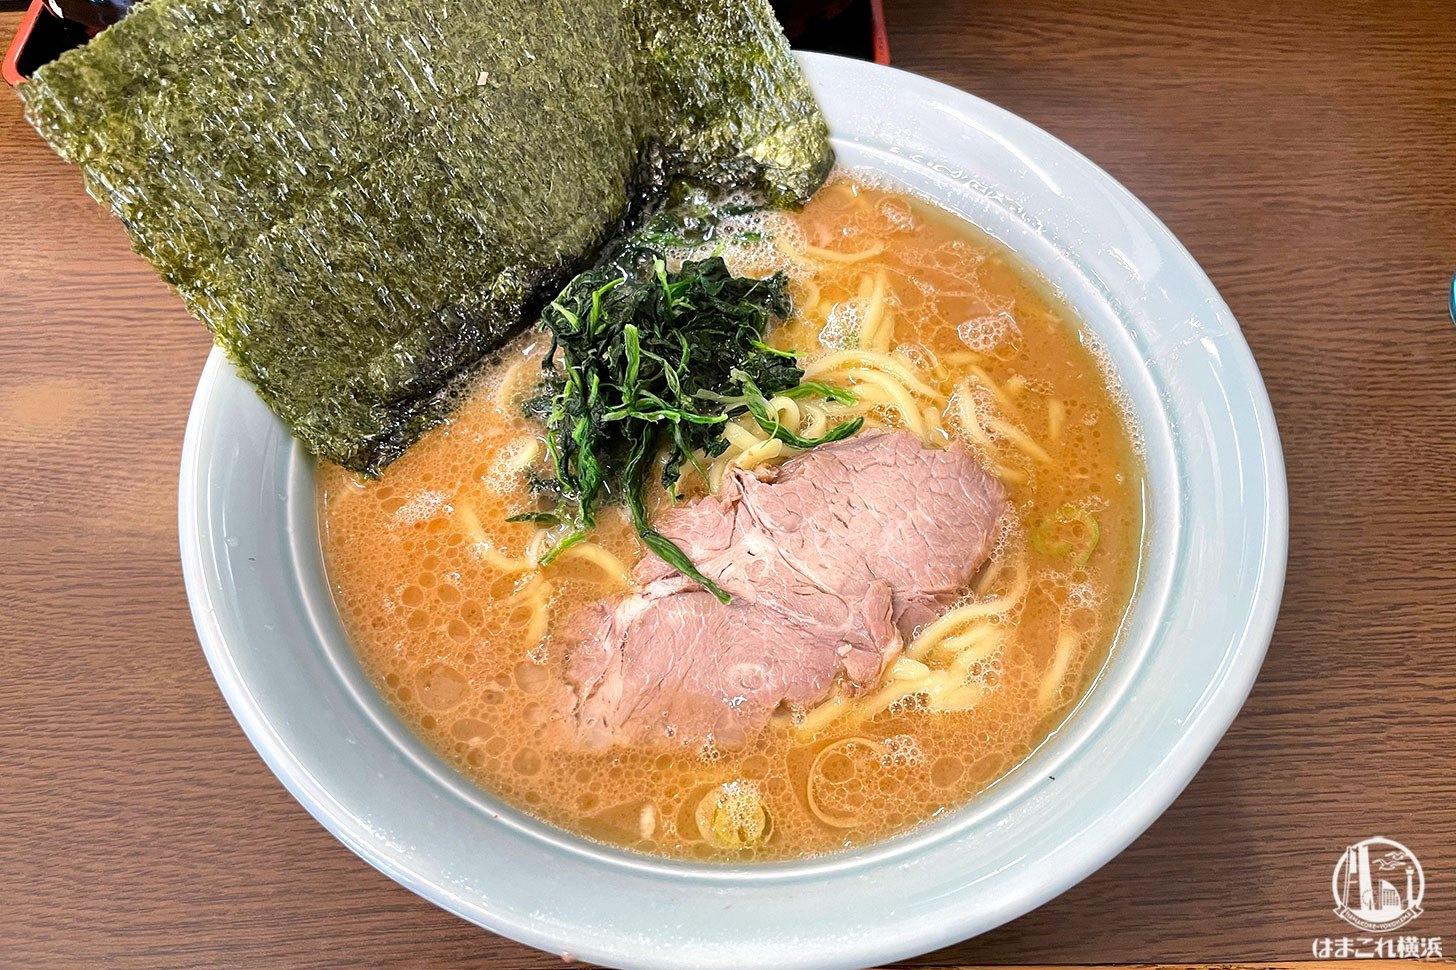 横浜・寿々㐂家(すずきや)の家系ラーメン人気納得凄く好き!接客にも惹かれる旨さ